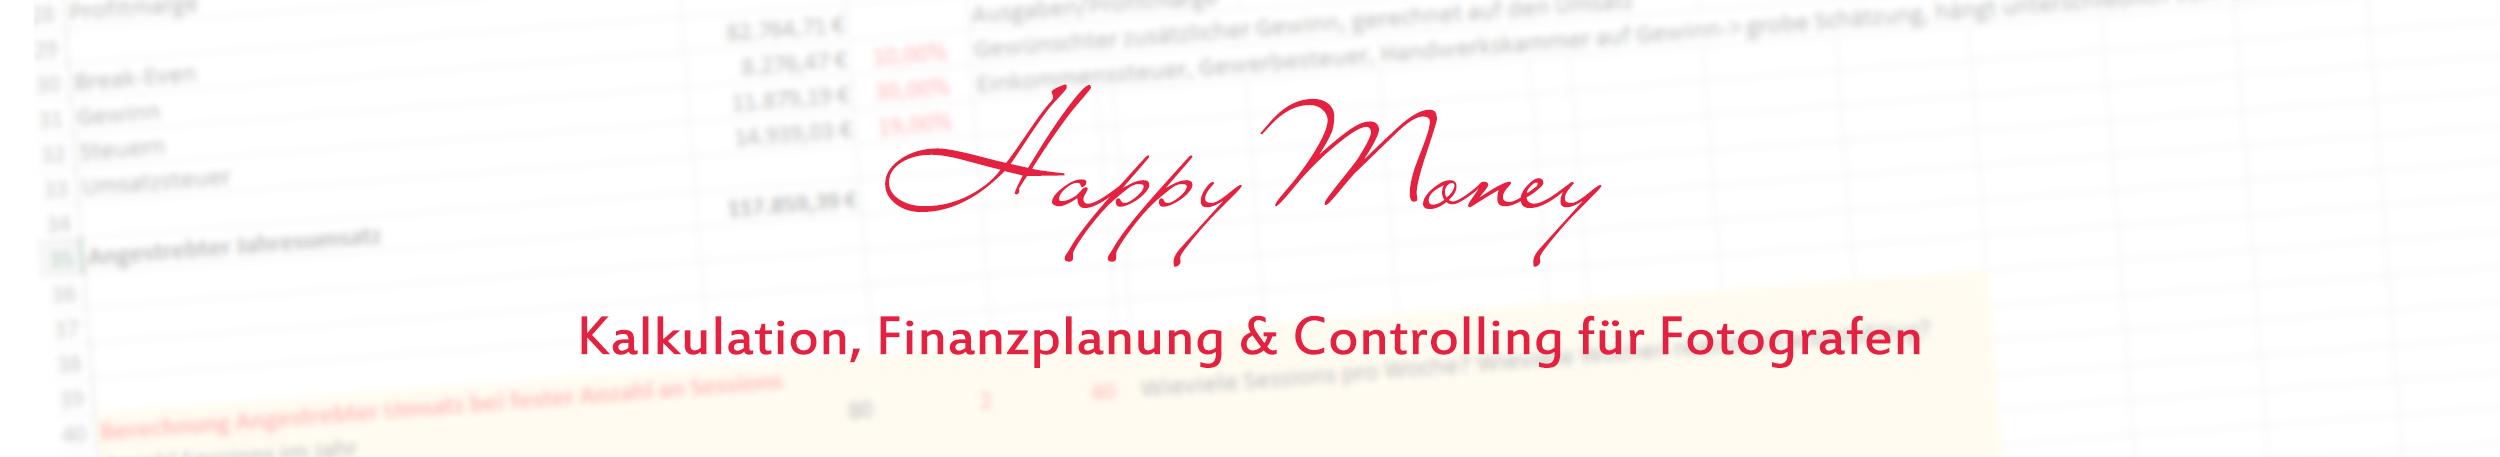 HappyMoney: Preiskalkulation für Fotografen, Umsatzplanung, Controlling und Finanzen für die Selbständigkeit